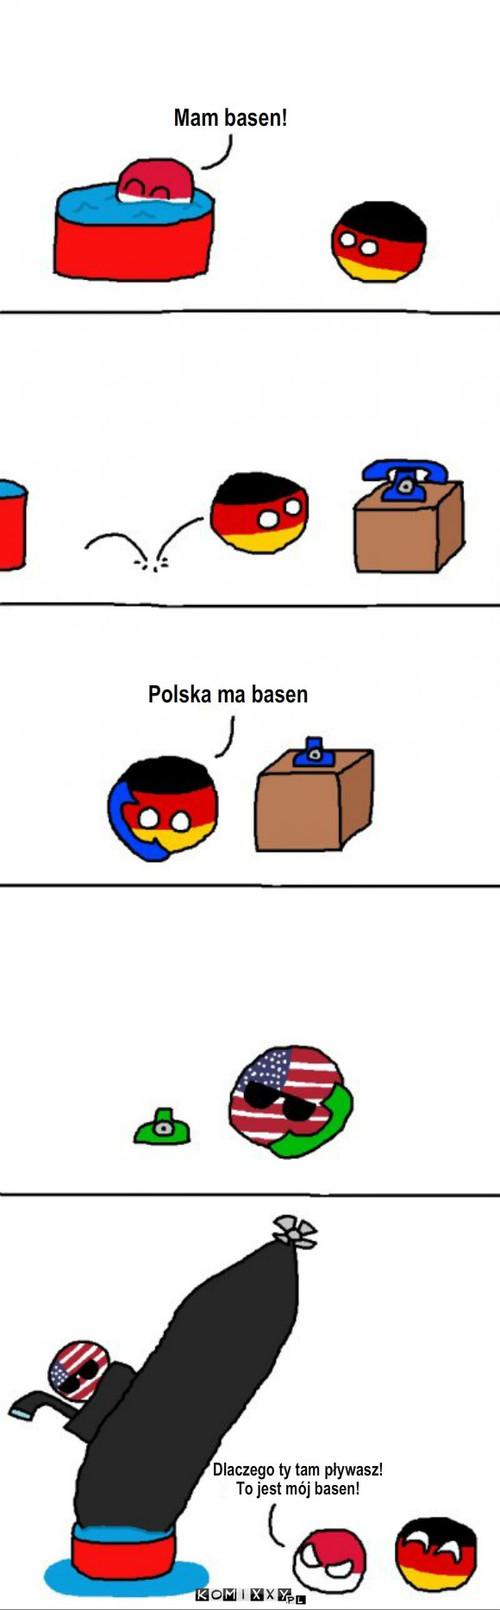 Basen Polski – Mam basen! Polska ma basen Dlaczego ty tam pływasz! To jest mój basen!